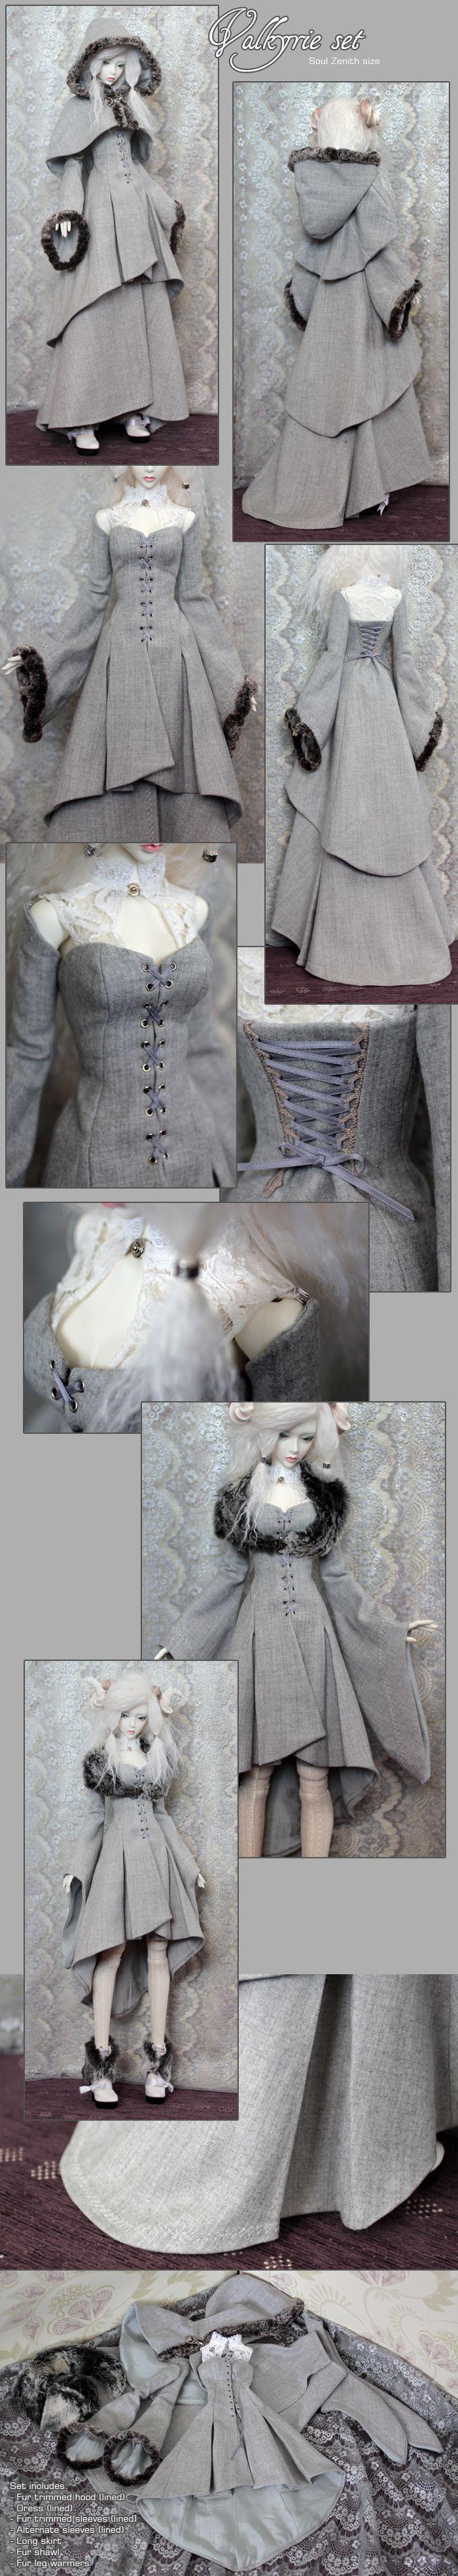 ❥ڿڰۣ-- Sigrun's Valkyrie Set by *yenna-photo on deviantART - want this outfit so badly!